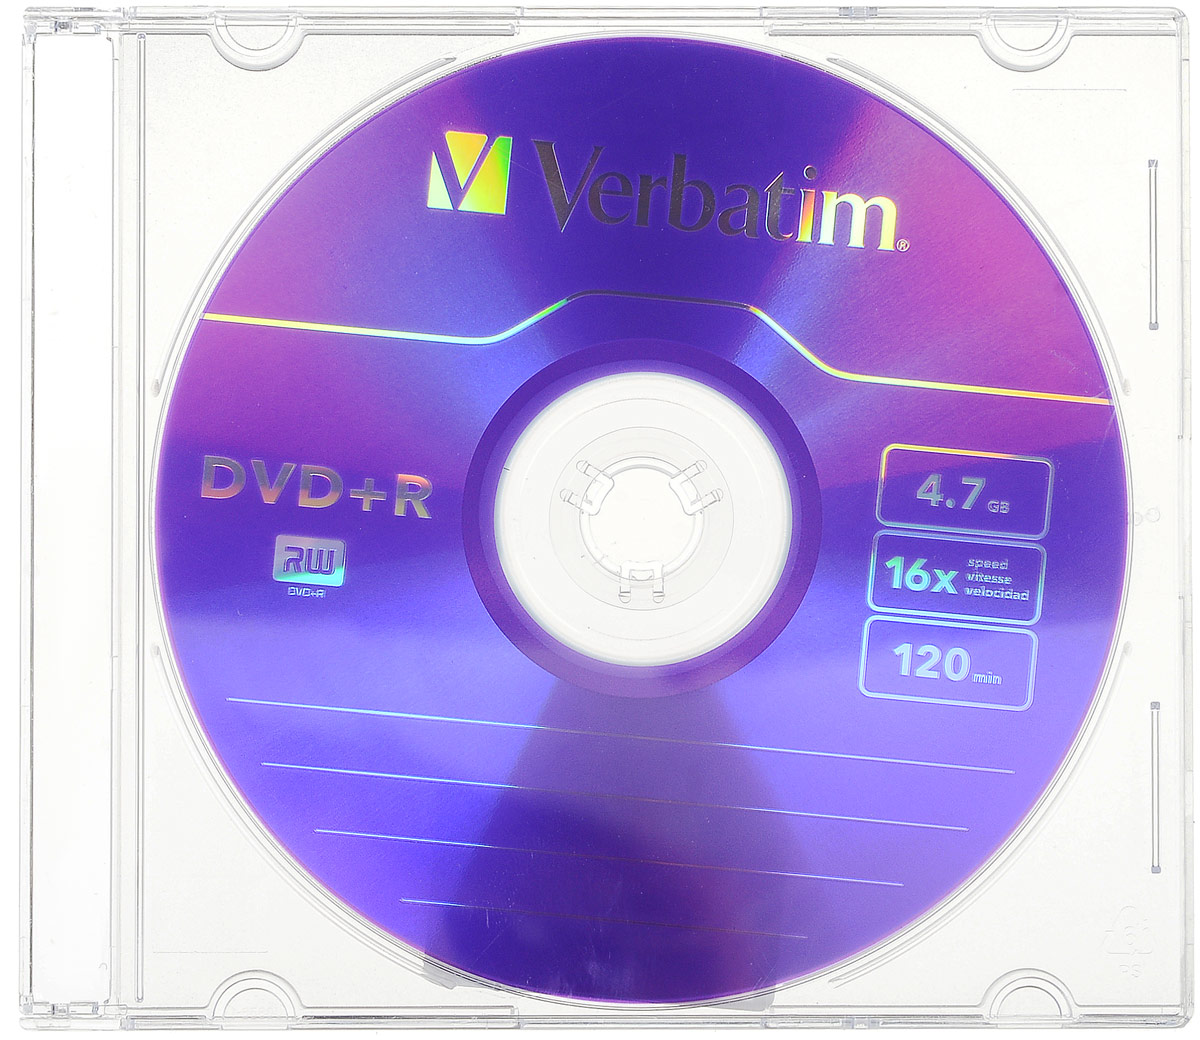 Verbatim DVD+R 4.7Gb 16x, 1 шт43556В дисках Verbatim используется технология MKM/Verbatim, обеспечивающая непревзойденное качество записи.Тесное сотрудничество отдела исследований и разработок компании Mitsubishi Chemical с производителямидисководов обеспечивает широкую совместимость дисков Verbatim, что делает их идеальными носителями дляпередачи компьютерных данных, домашних видеофильмов, фотографий и музыки.Уважаемые клиенты!Обращаем ваше внимание на цветовой ассортименттовара. Поставка осуществляется в зависимости от наличия на складе.